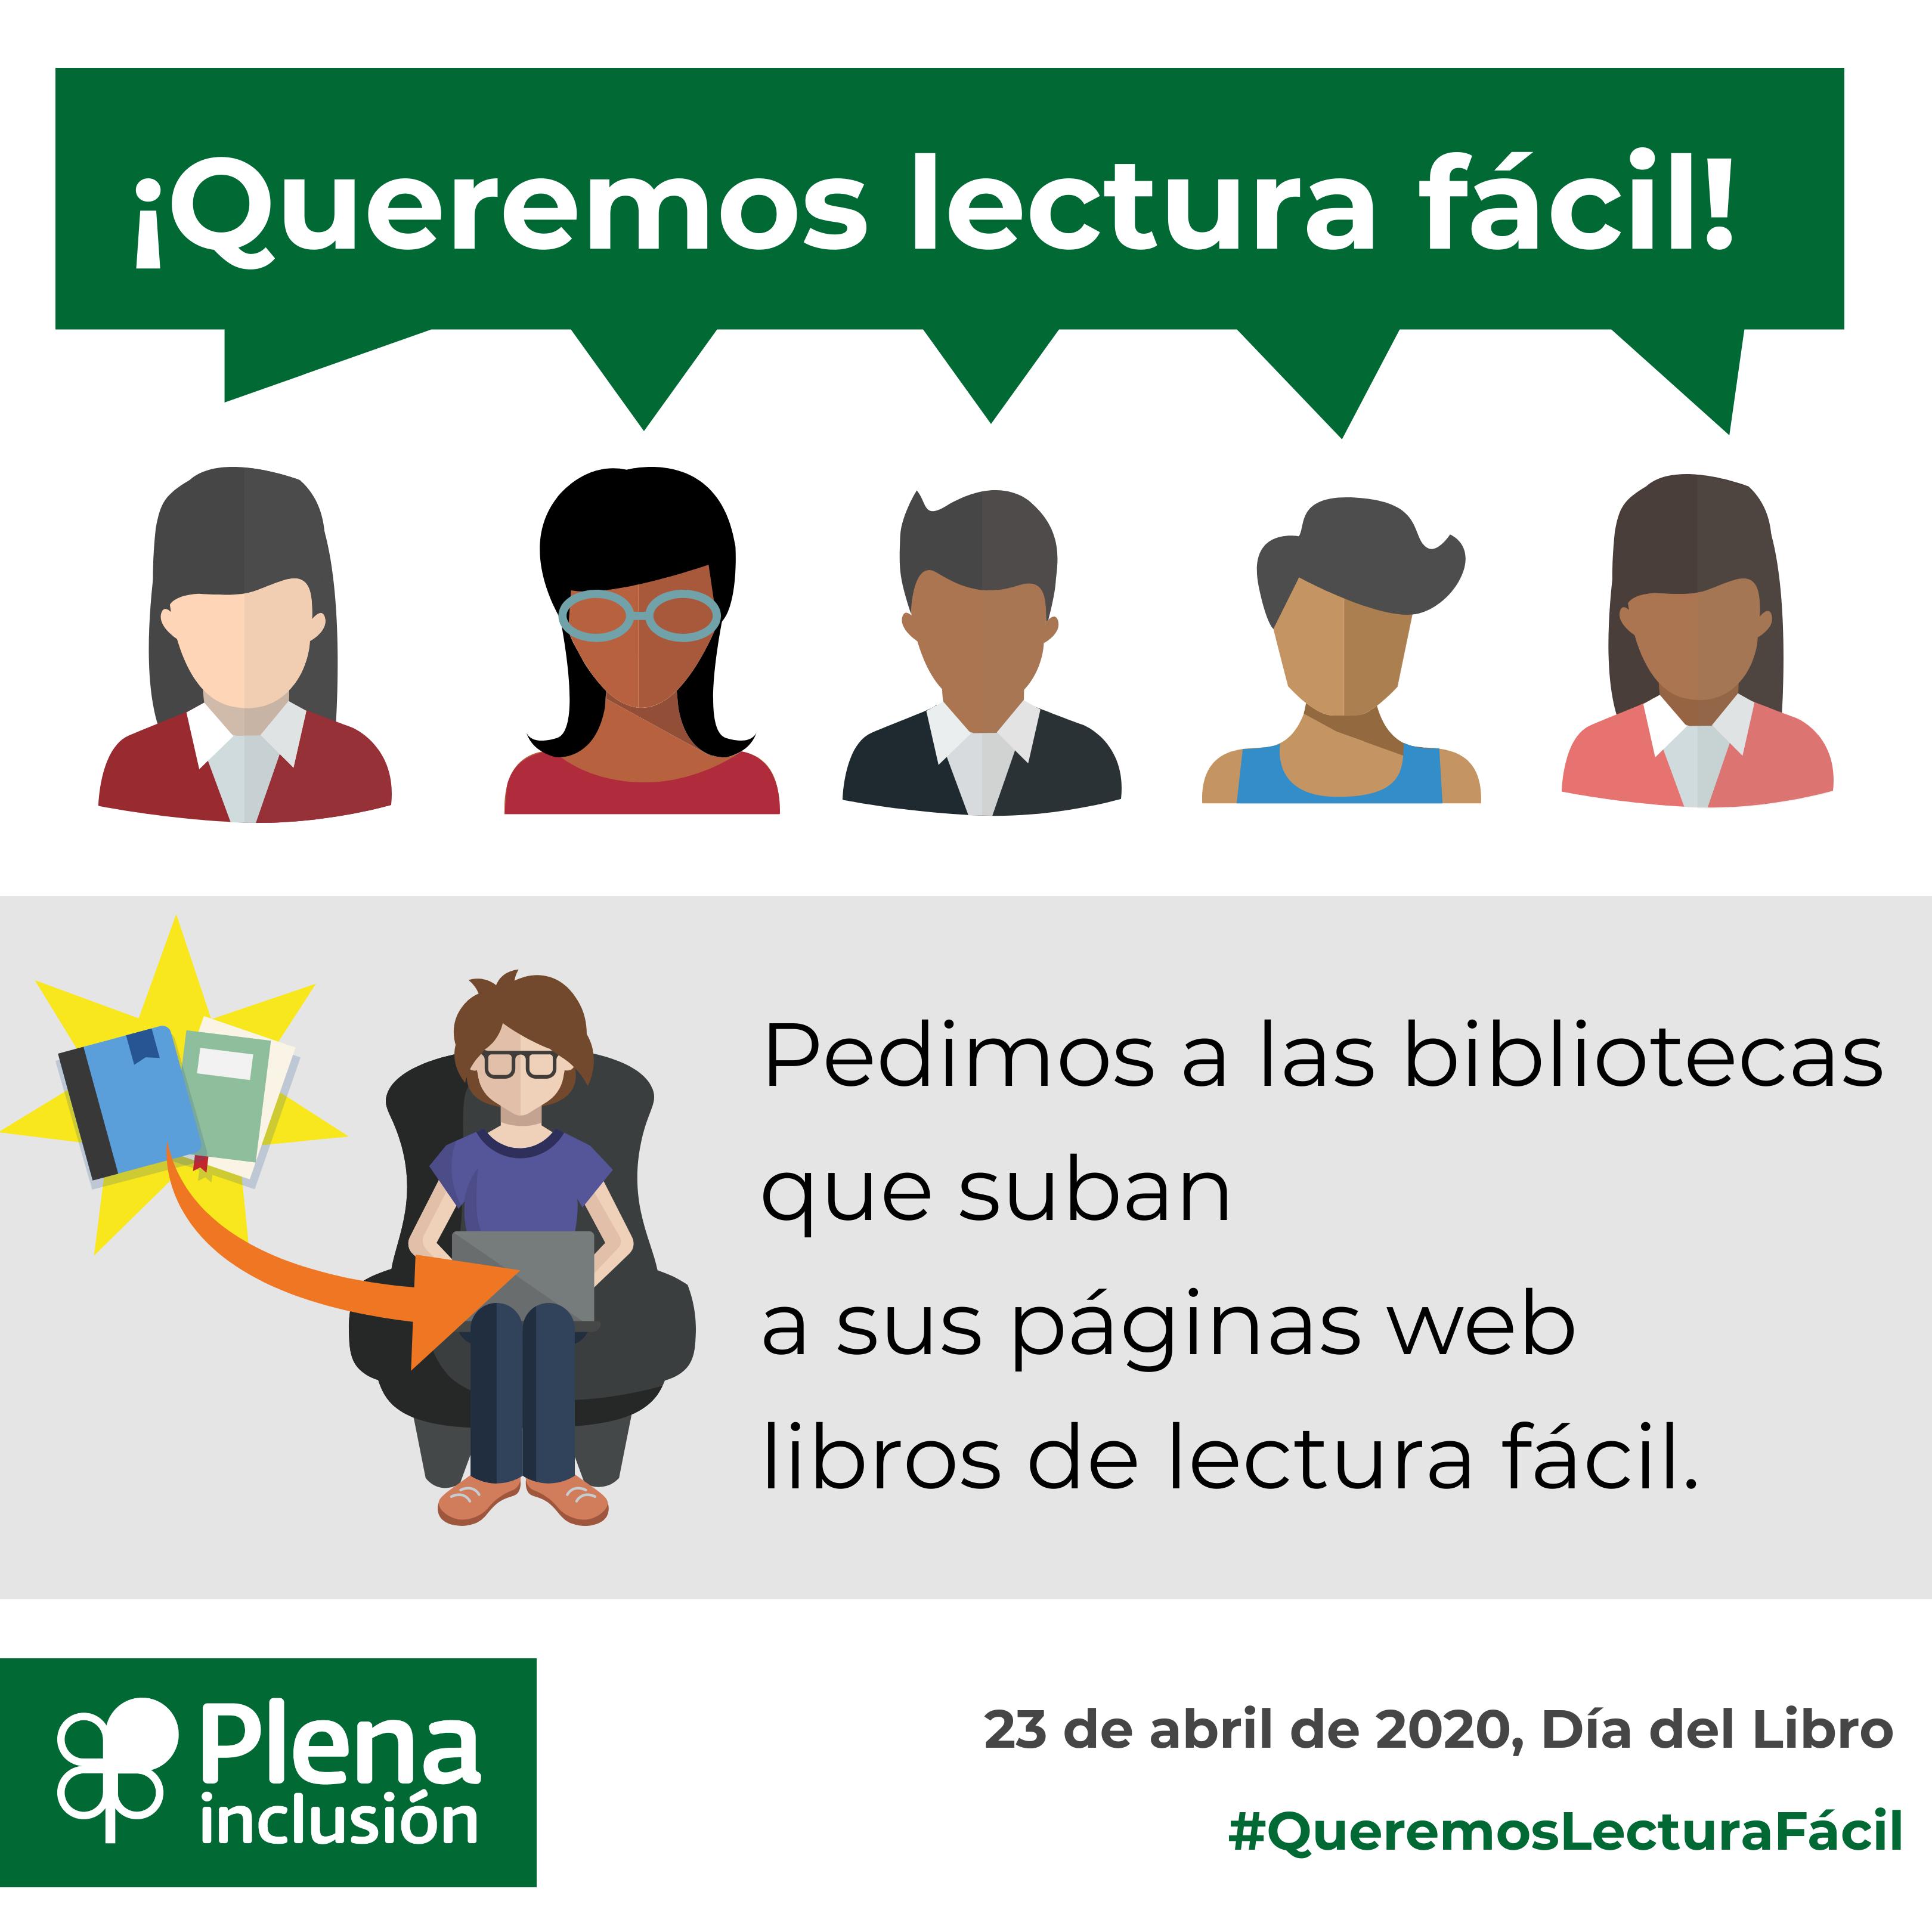 Ir a : Plena inclusión lanza la campaña «Queremos lectura fácil» para celebrar el Día del Libro